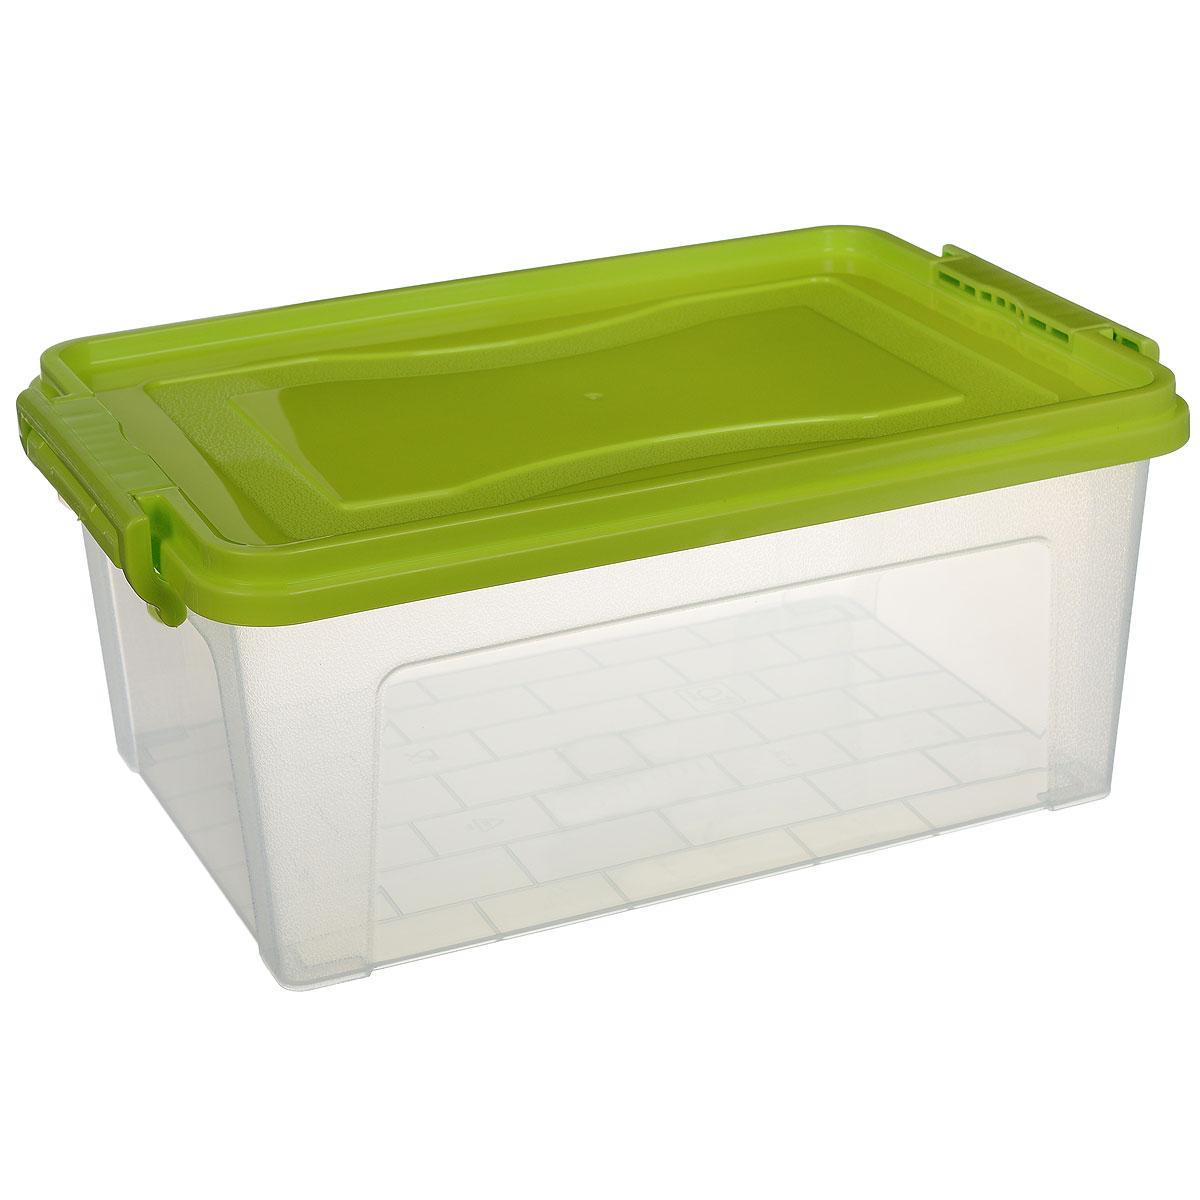 Контейнер для хранения Idea, прямоугольный, цвет: салатовый, прозрачный, 8,5 лМ 2865_салатовыйКонтейнер для хранения Idea выполнен из высококачественного пластика. Изделие оснащено двумя пластиковыми фиксаторами по бокам, придающими дополнительную надежность закрывания крышки. Вместительный контейнер позволит сохранить различные нужные вещи в порядке, а герметичная крышка предотвратит случайное открывание, защитит содержимое от пыли и грязи. Объем: 8,5 л.